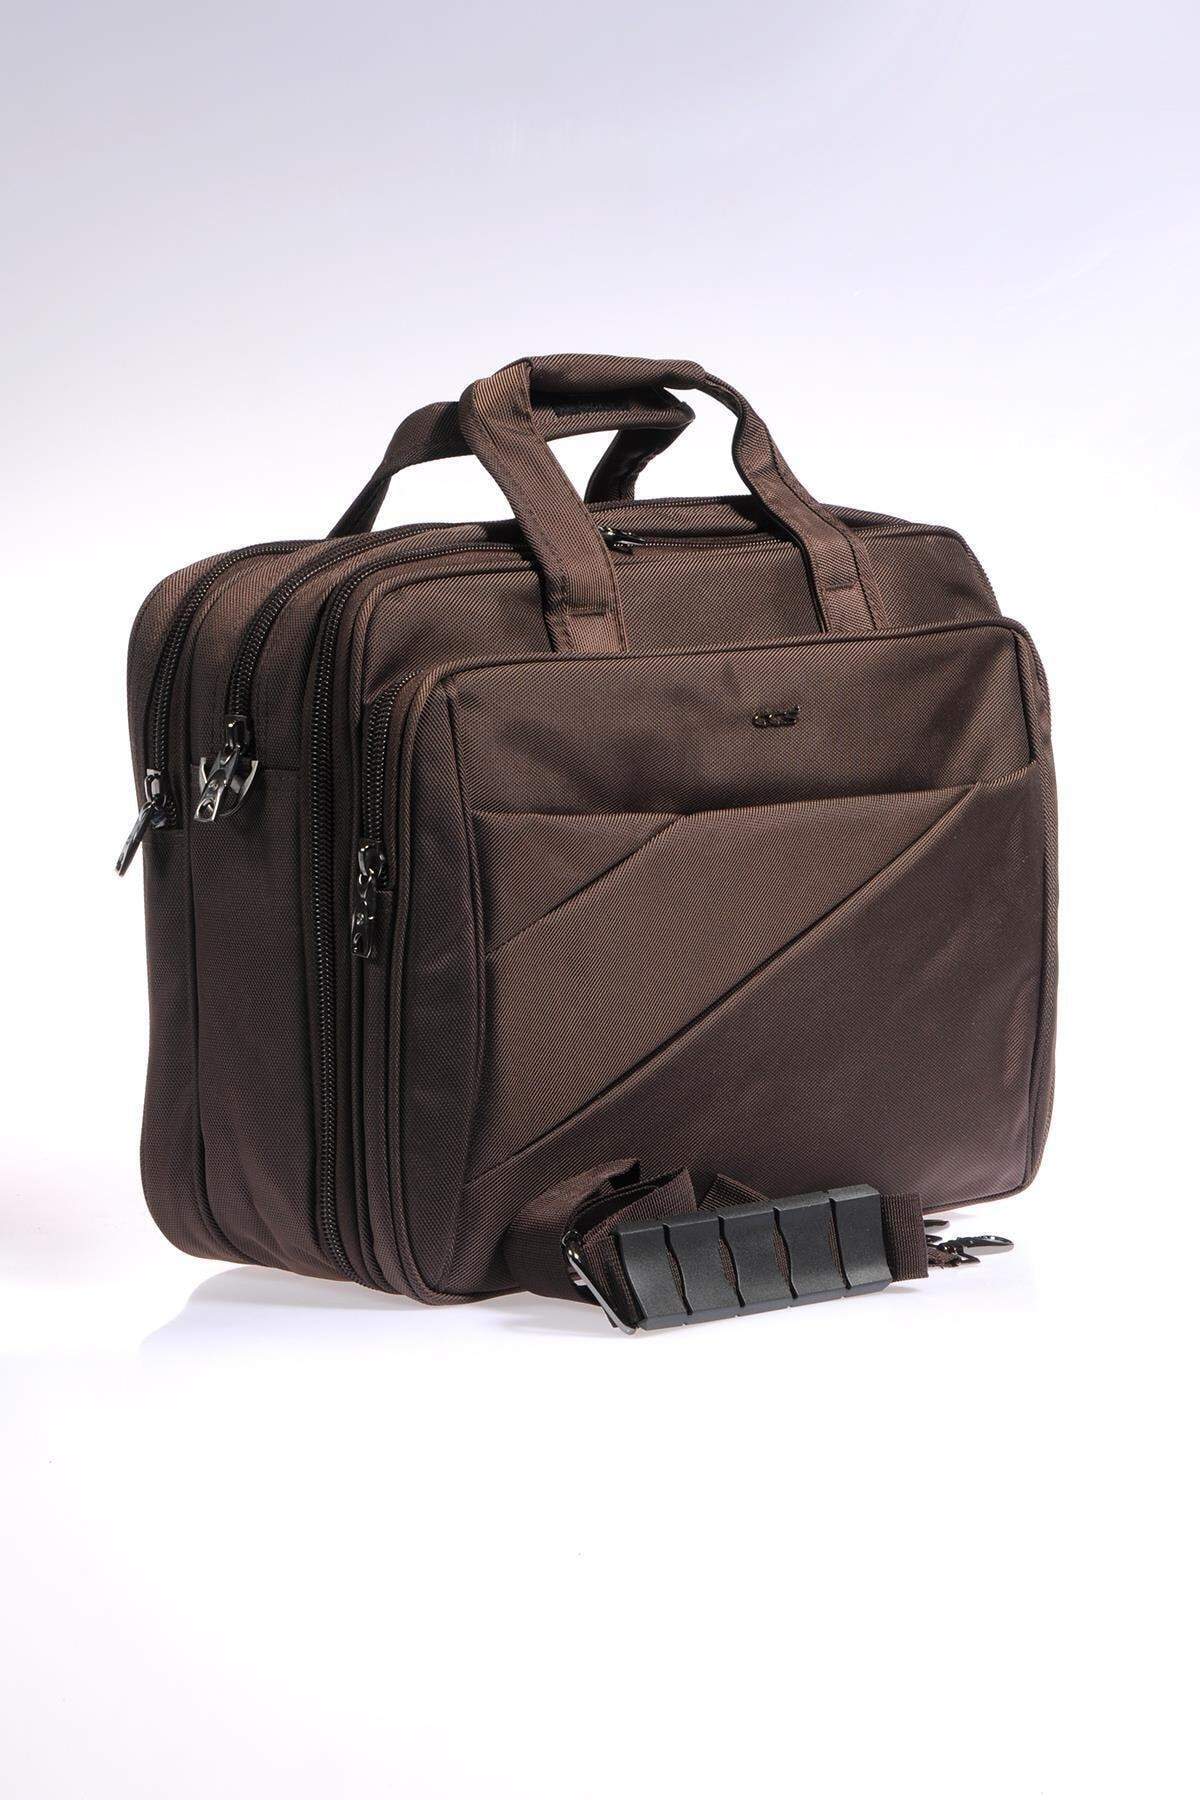 ÇÇS Kahverengi Unisex Laptop/Evrak Çantası Ççs71369 2